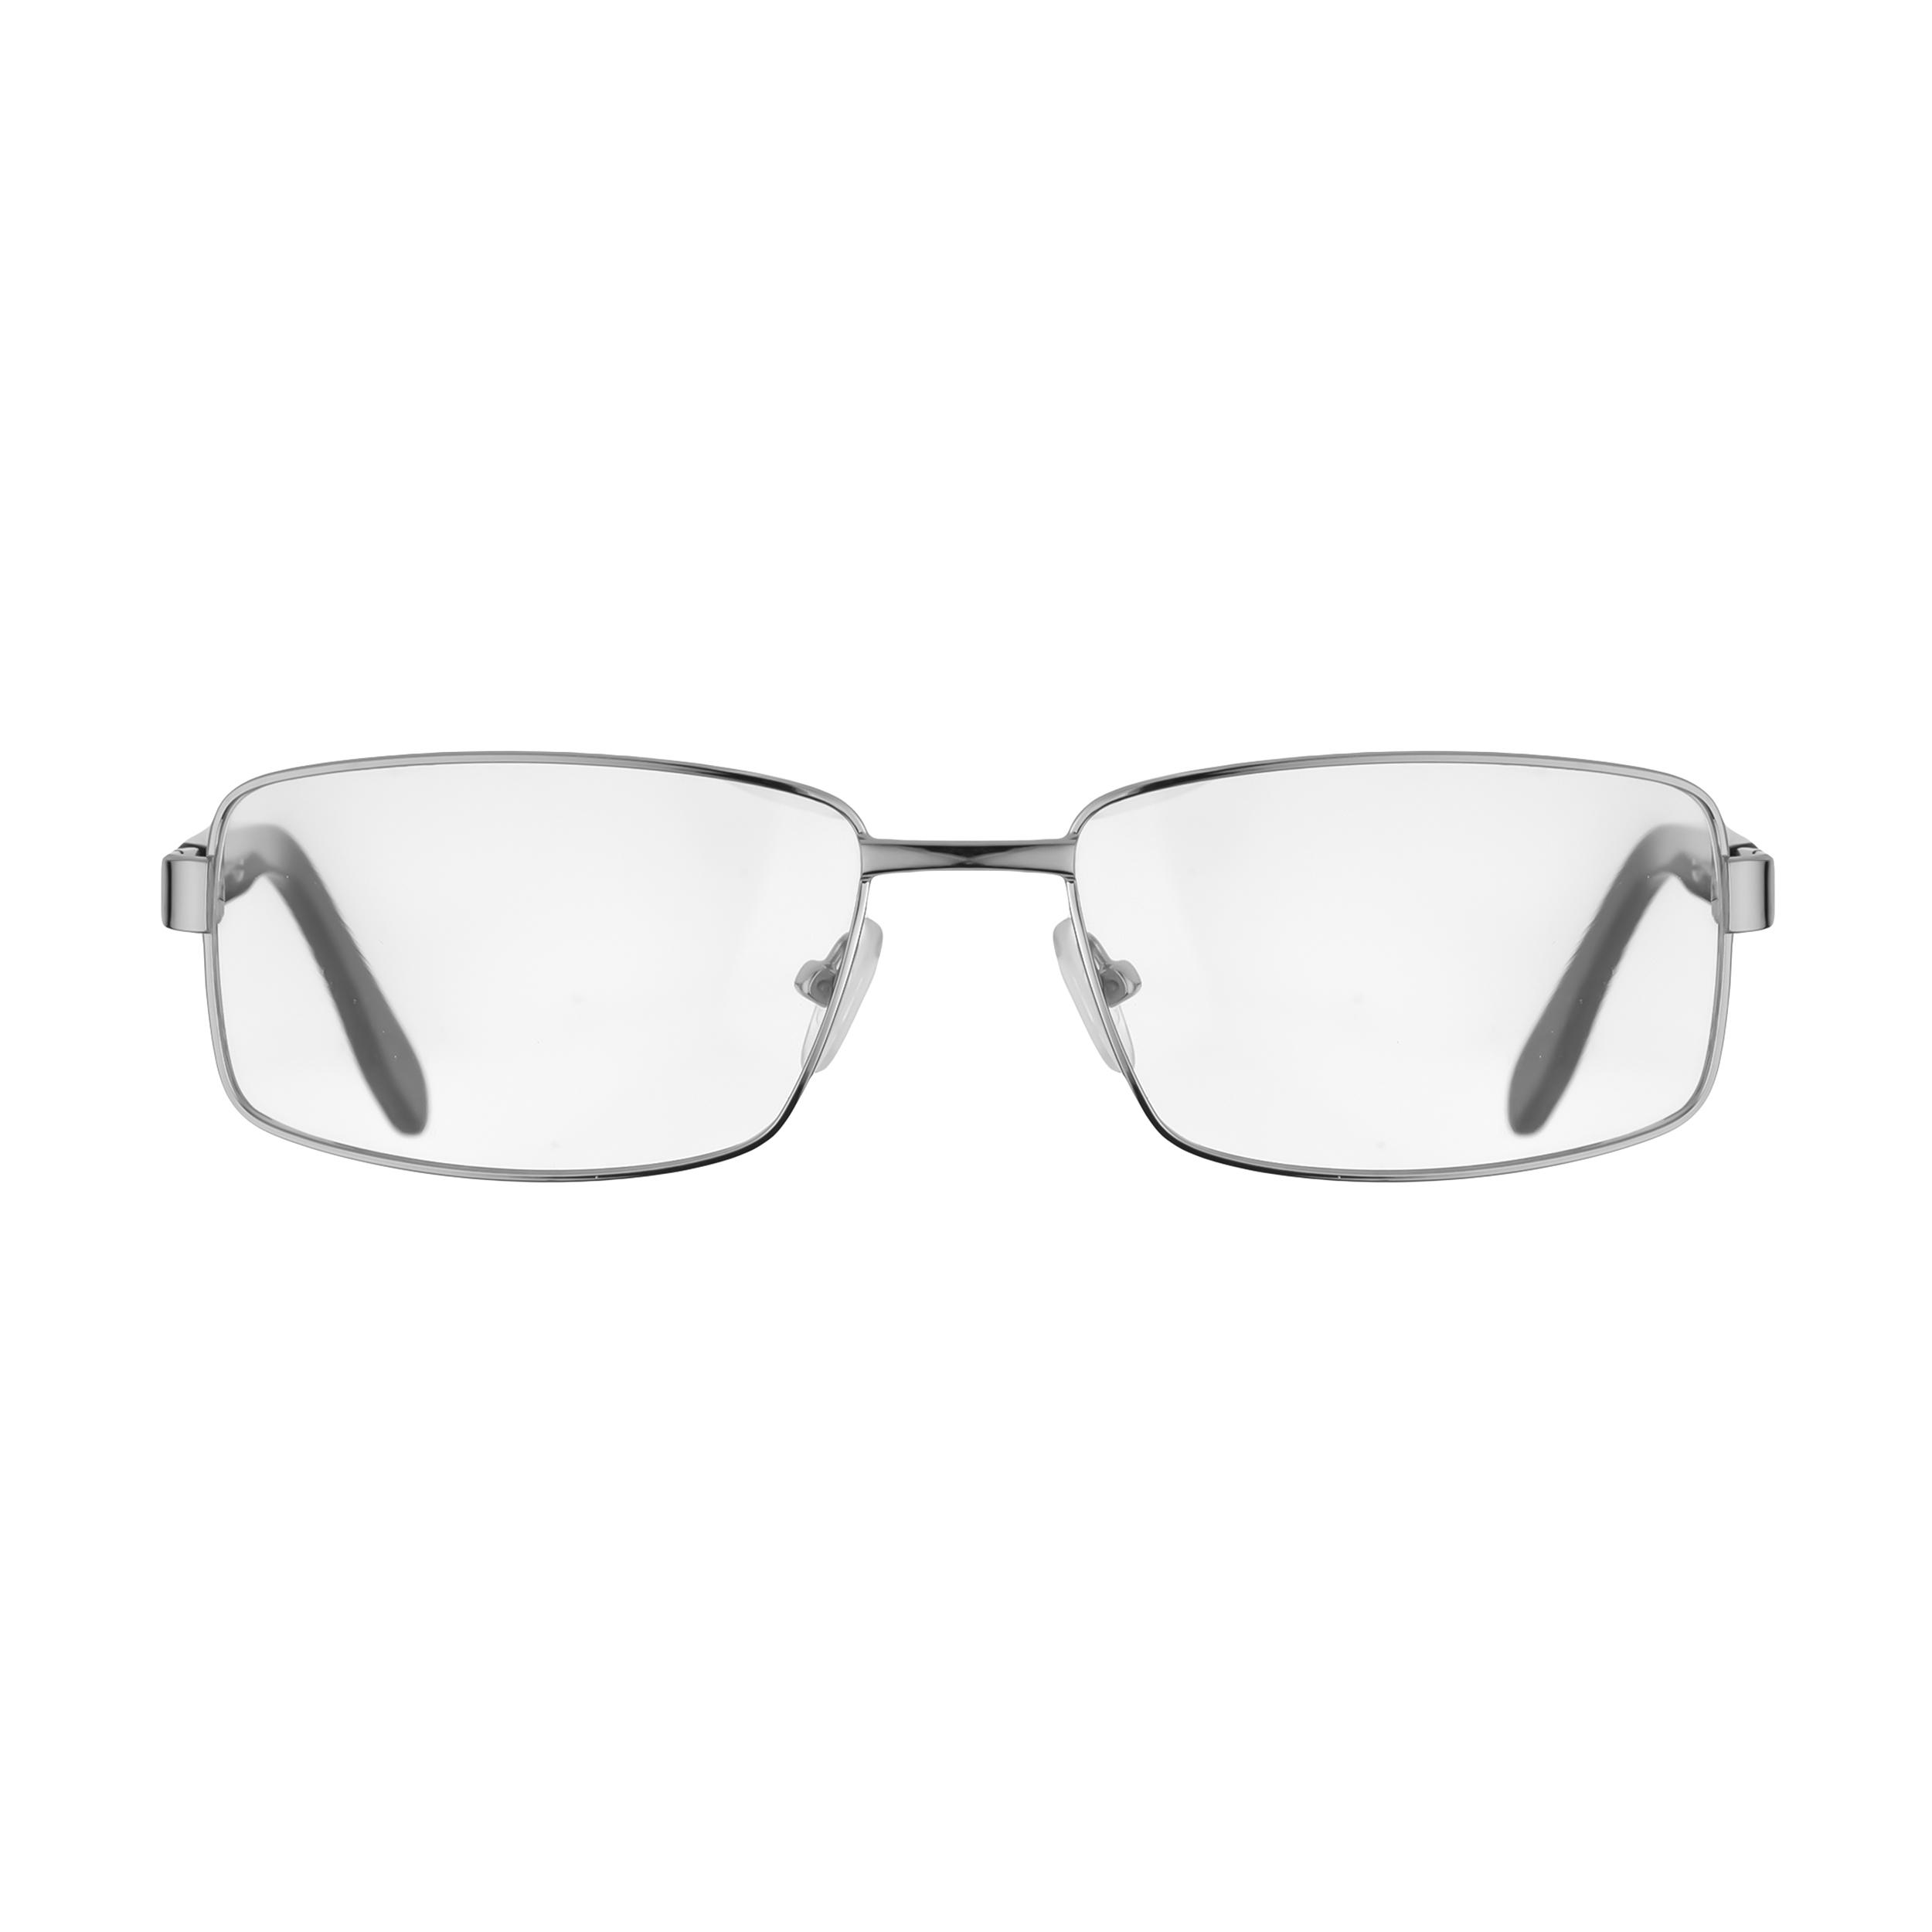 فریم عینک طبی هوگو باس مدل 4103